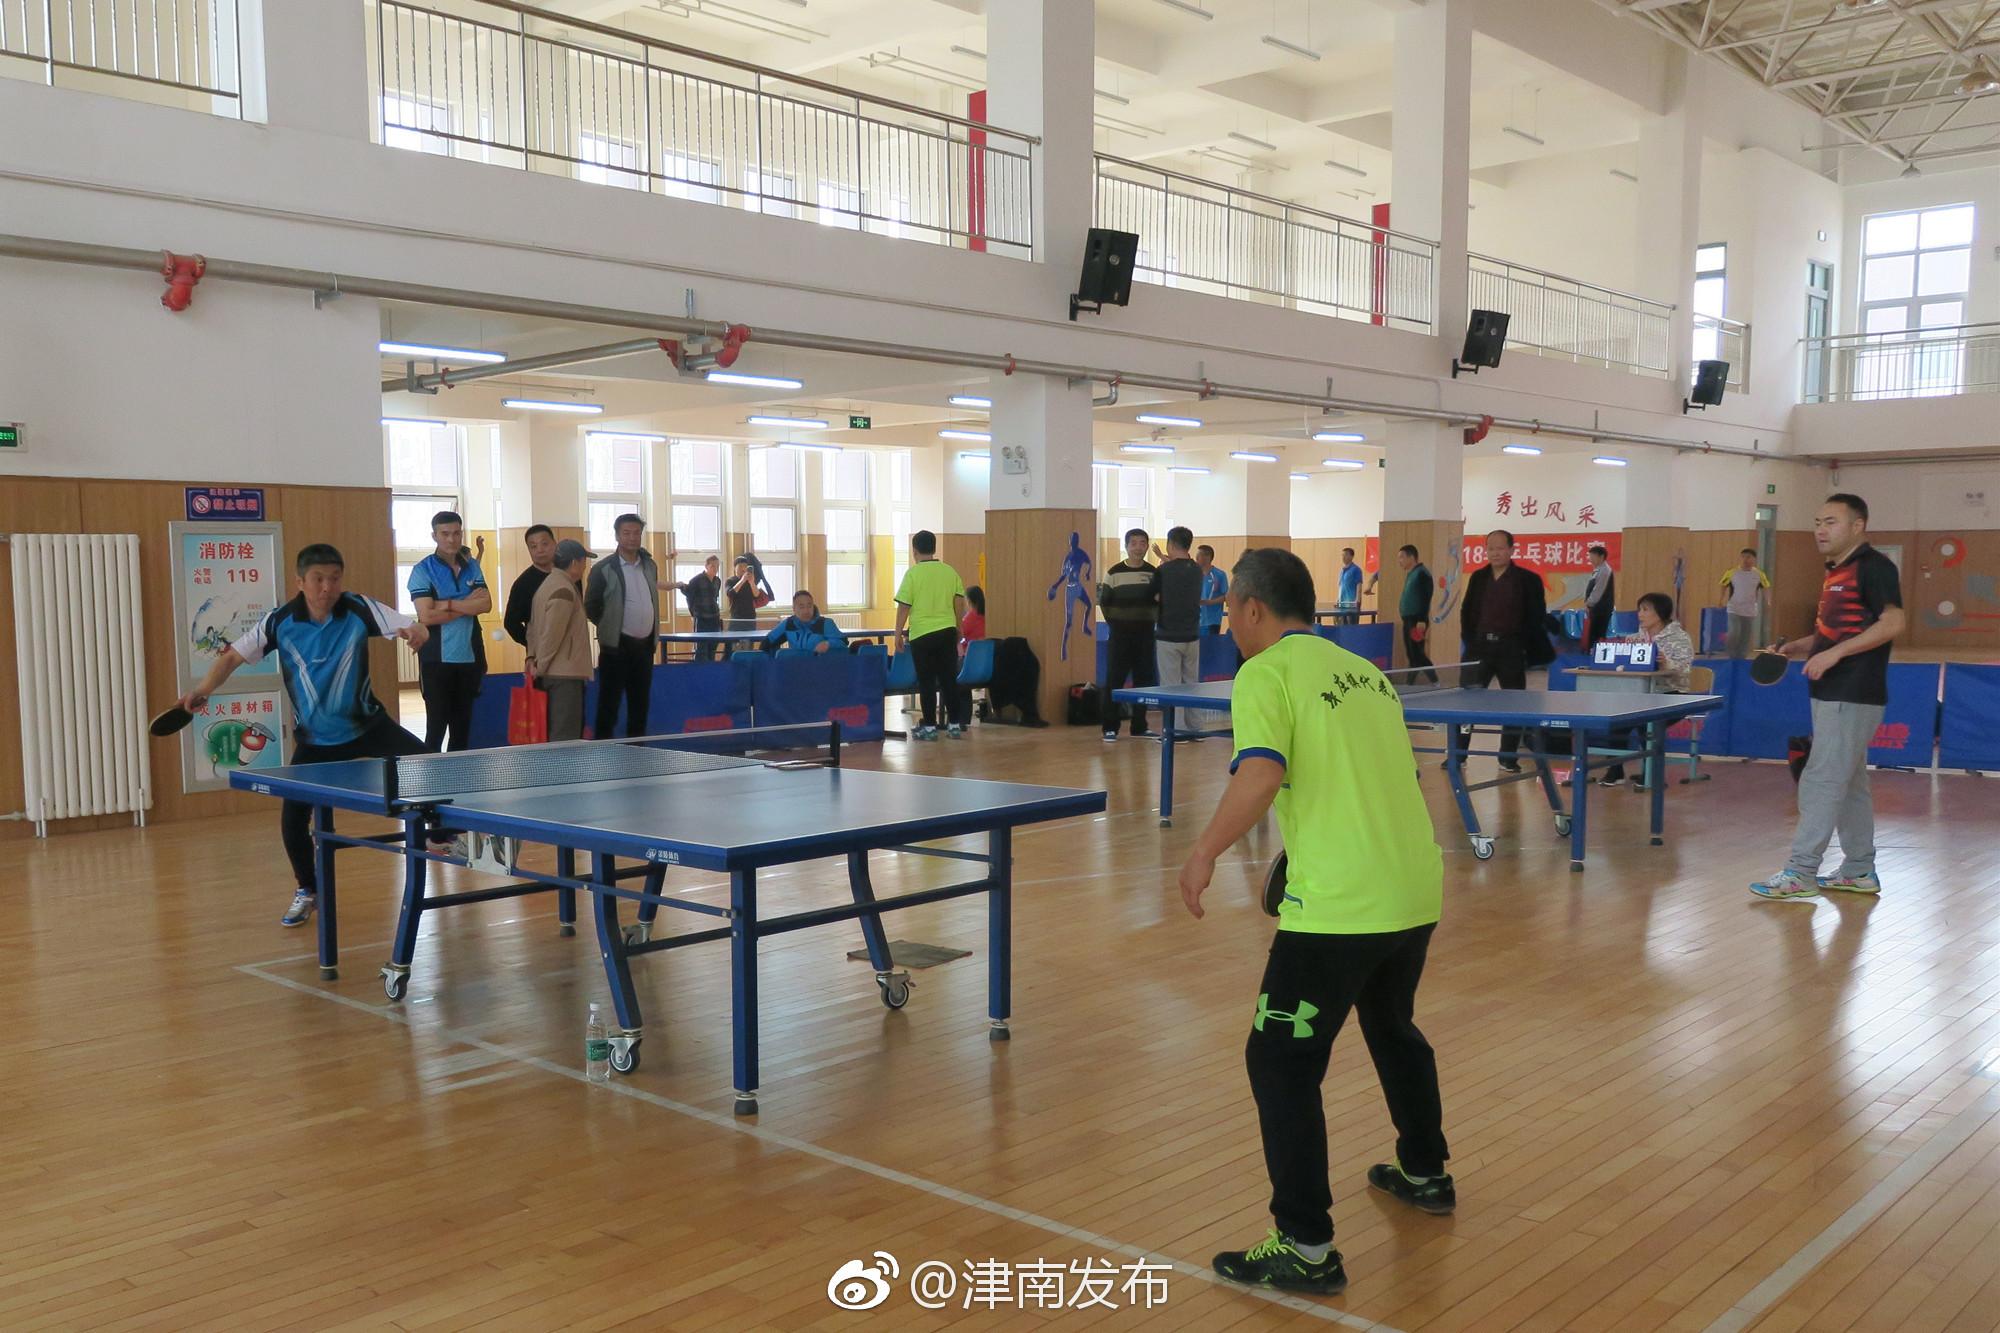 [国电南自]国电南自乒乓球队在集团公司第三届乒乓球赛中获优胜奖